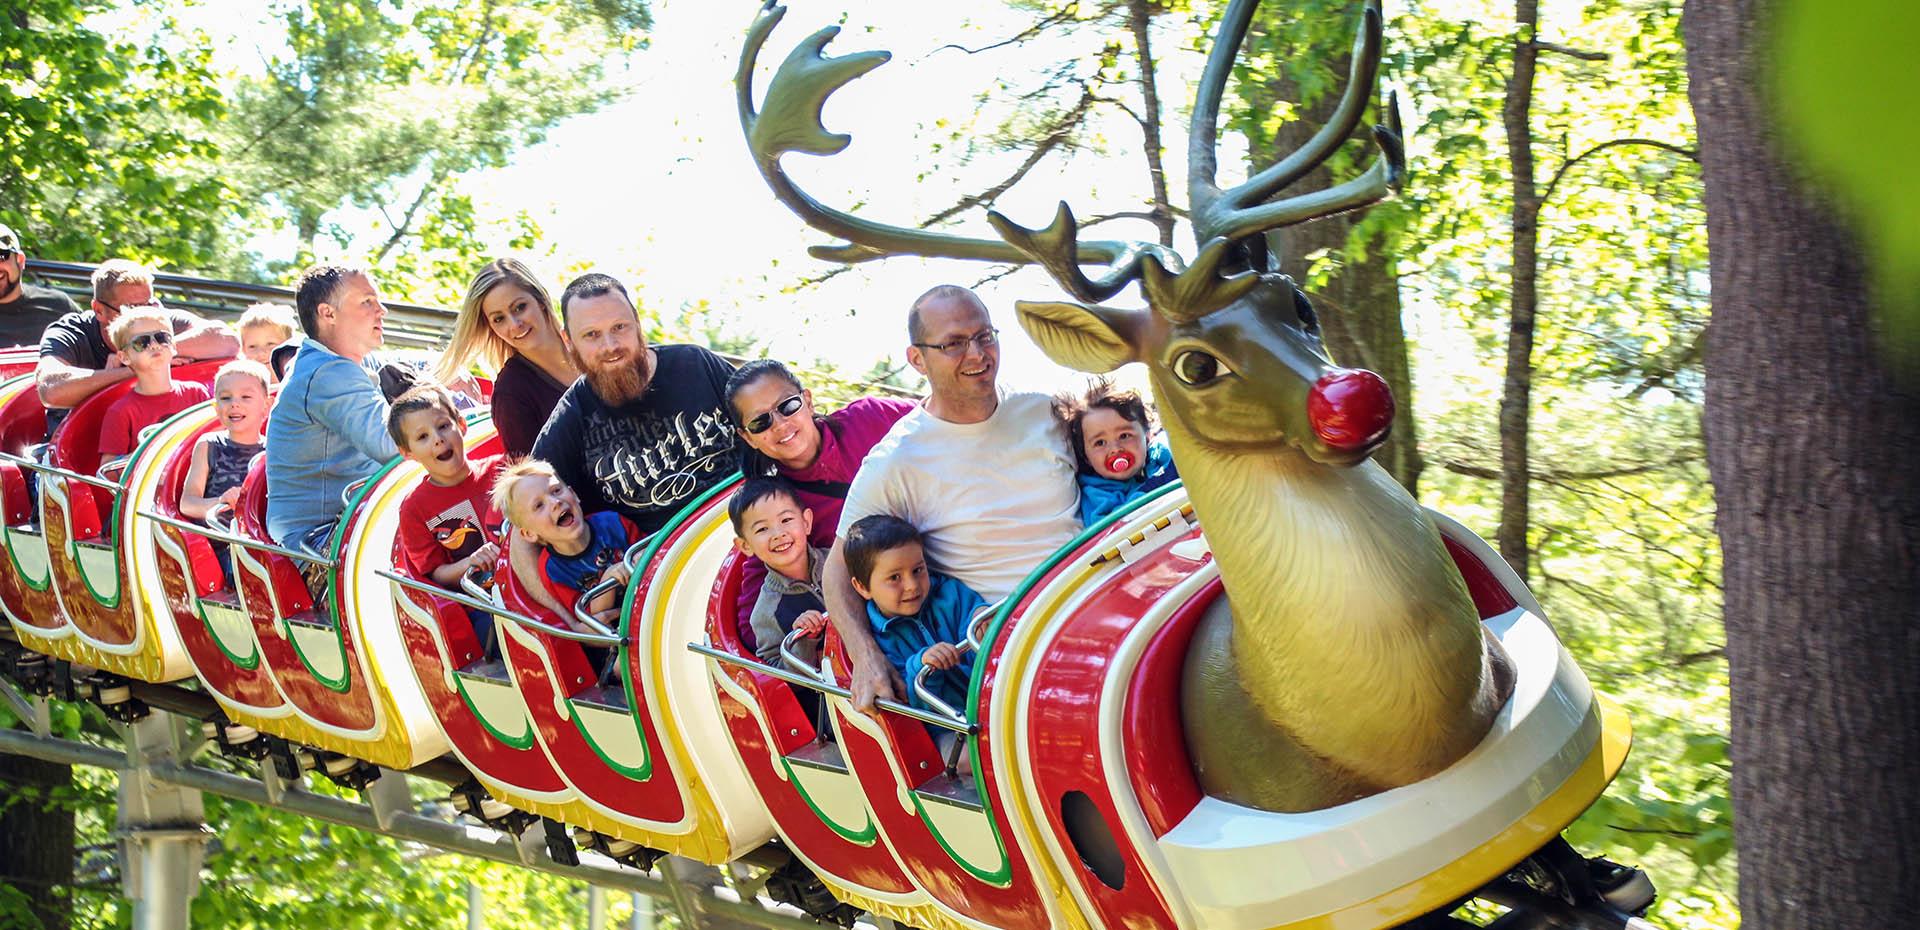 Ride Cover| Santa's Village - Muskoka, Ontario Canada